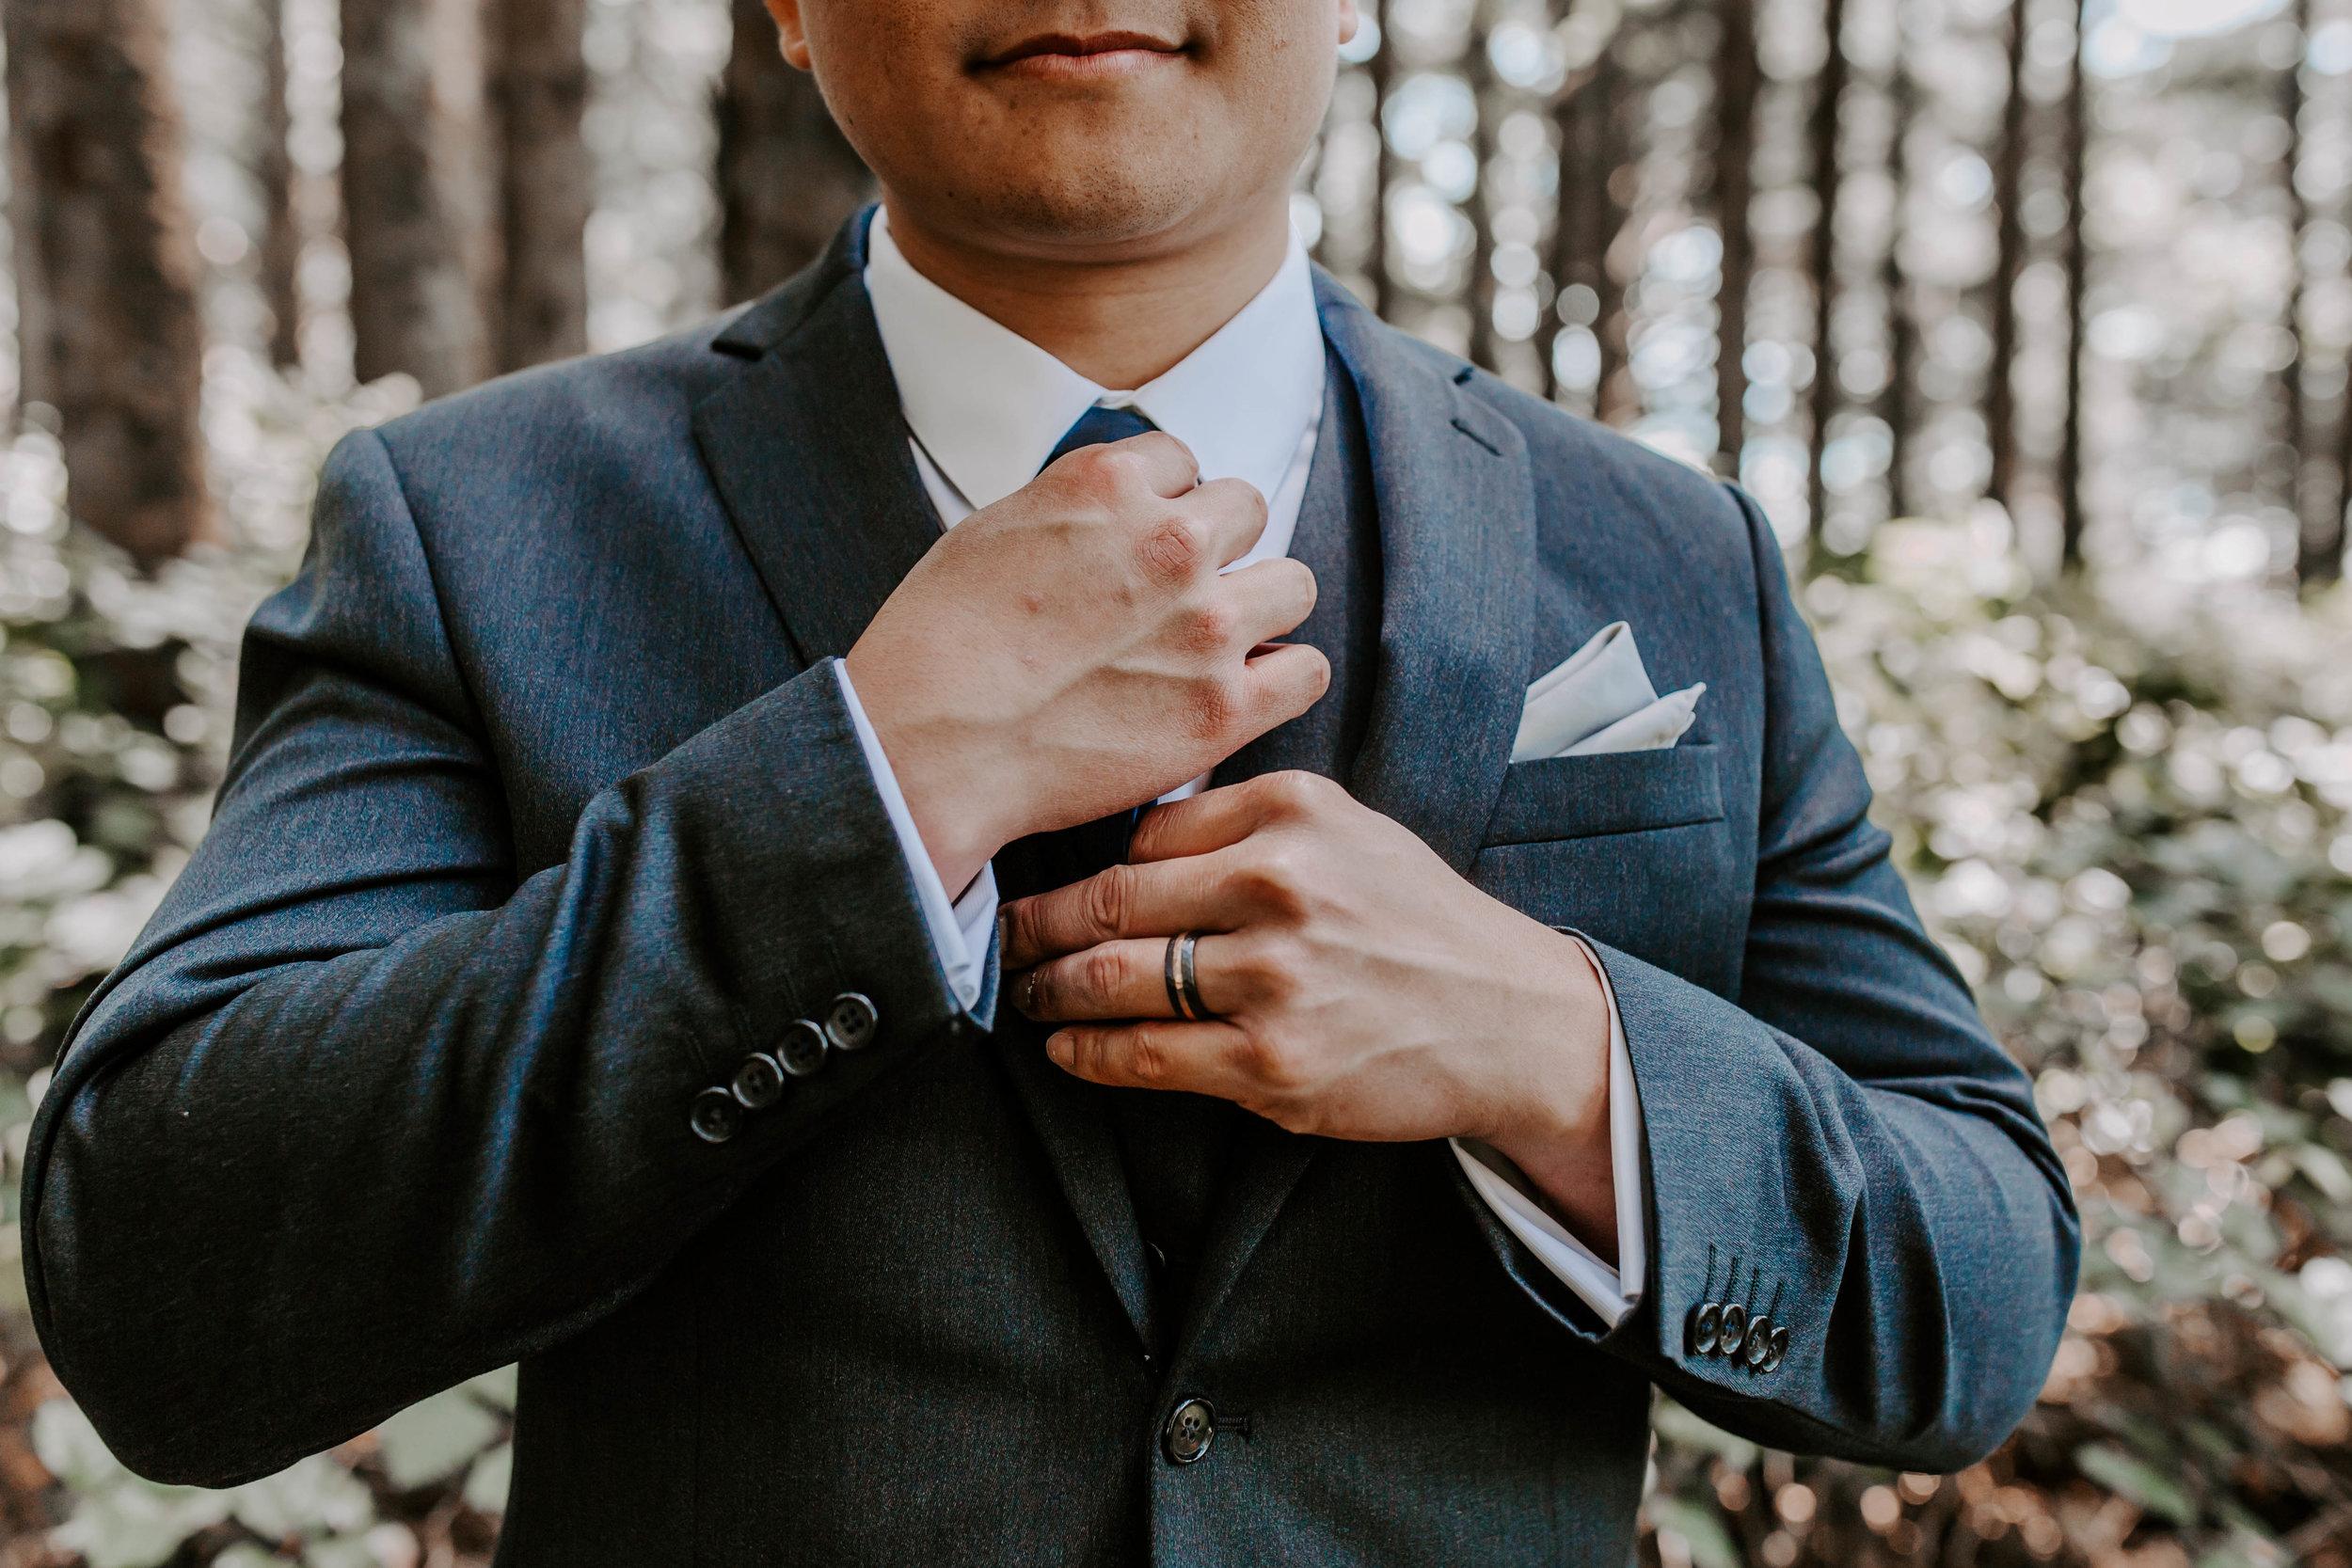 Oregon Wedding Photographer | Groom Style | Rustic Bloom Photography